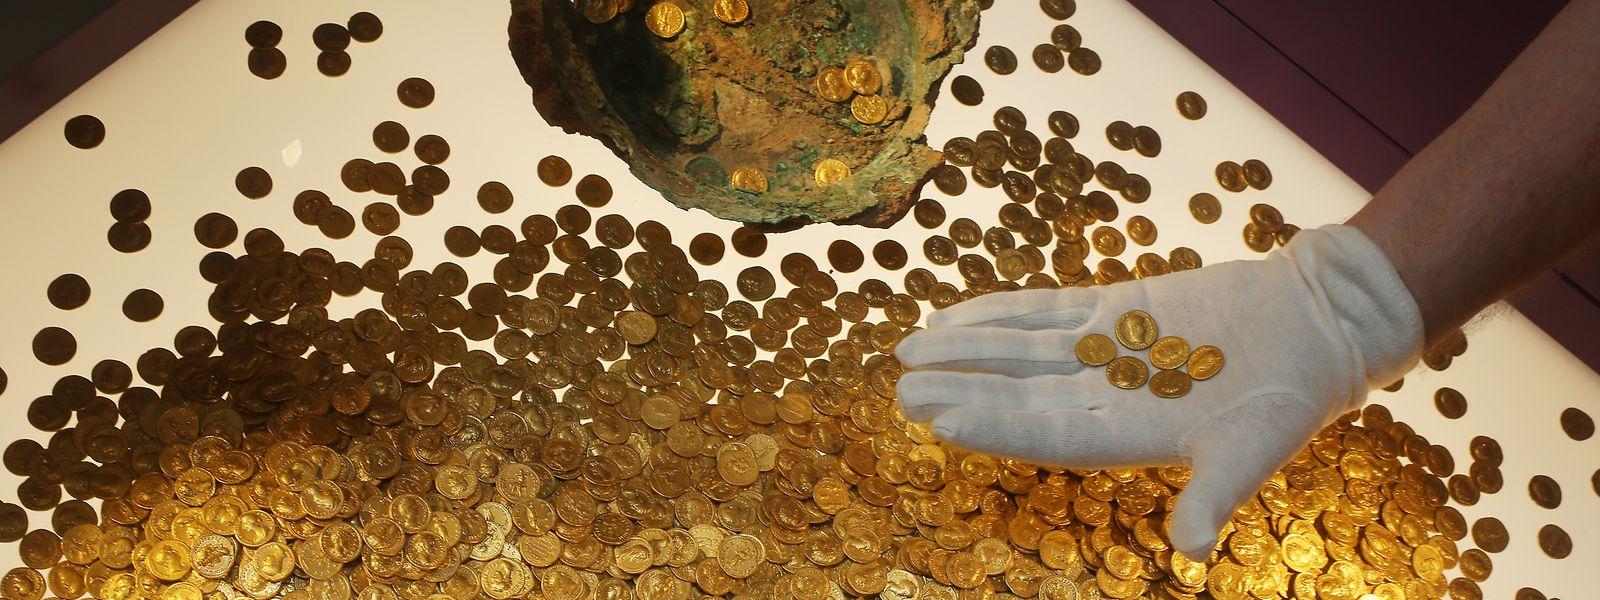 Der Numismatiker Karl-Josef Gilles platziert im Landesmuseum römische Goldmünzen in einer Vitrine. Es handelt sich um den weltweit größten Goldschatz der römischen Kaiserzeit: 18,5 Kilo schwer und rund 2.600 Münzen stark.